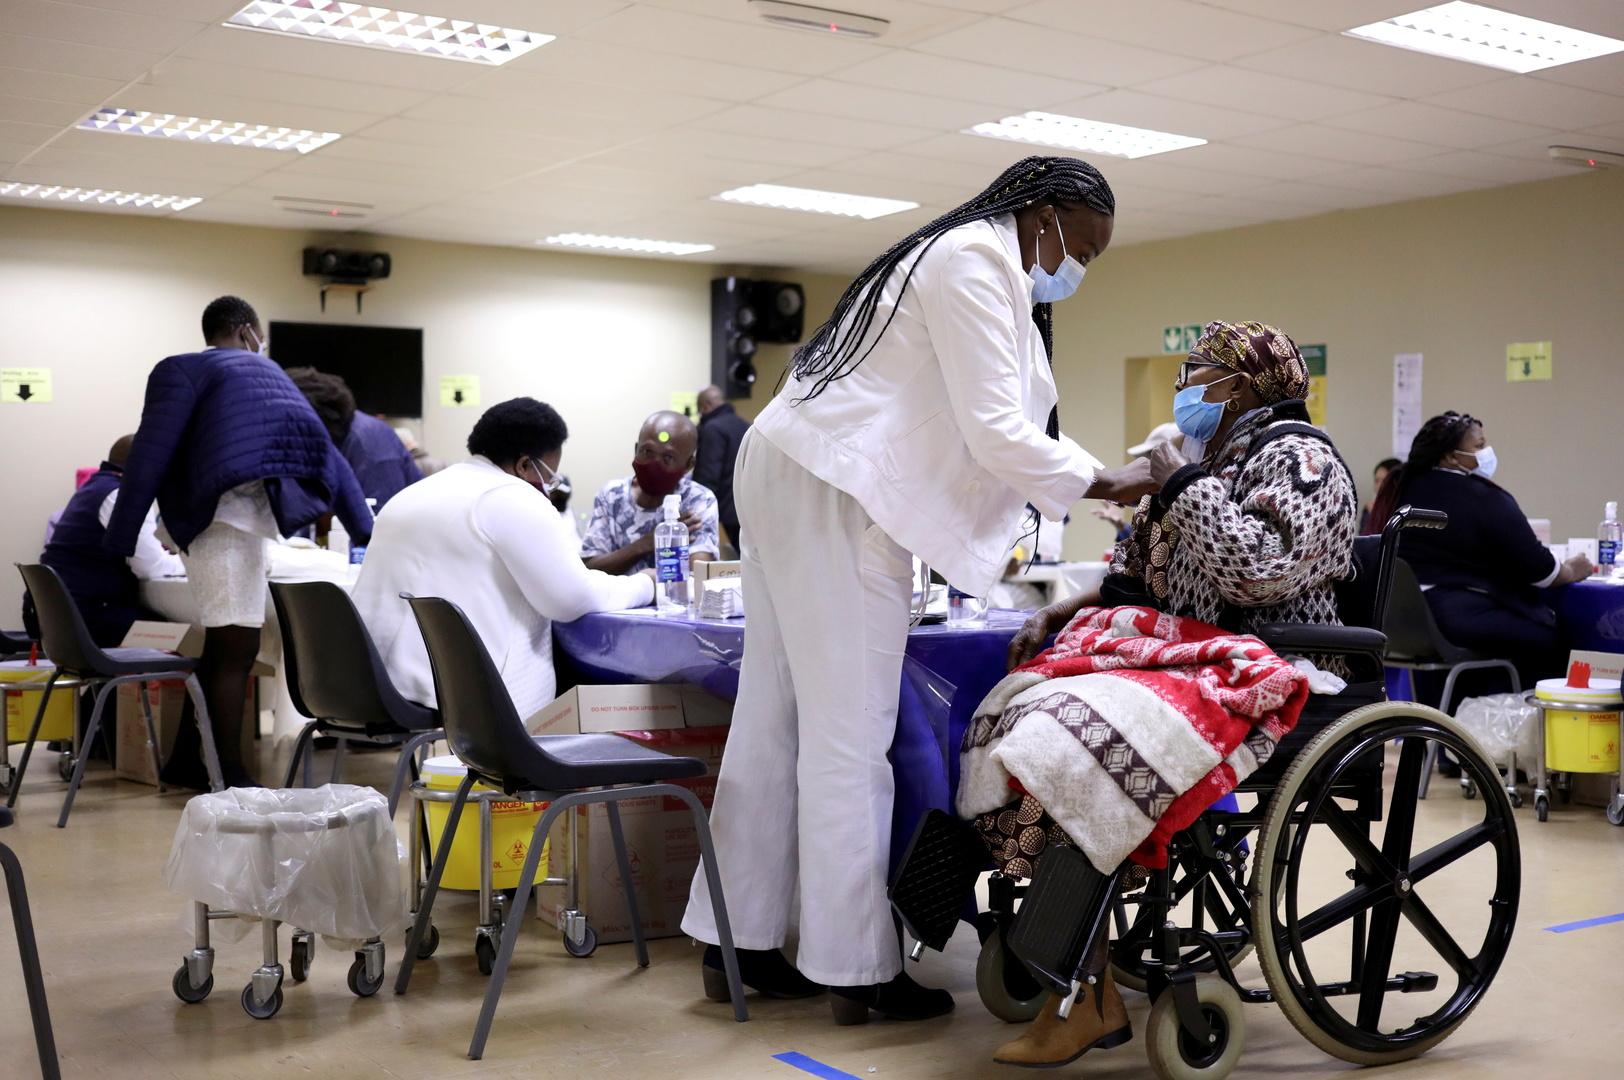 جنوب إفريقيا تعلن دخولها الموجة الثالثة من وباء كورونا